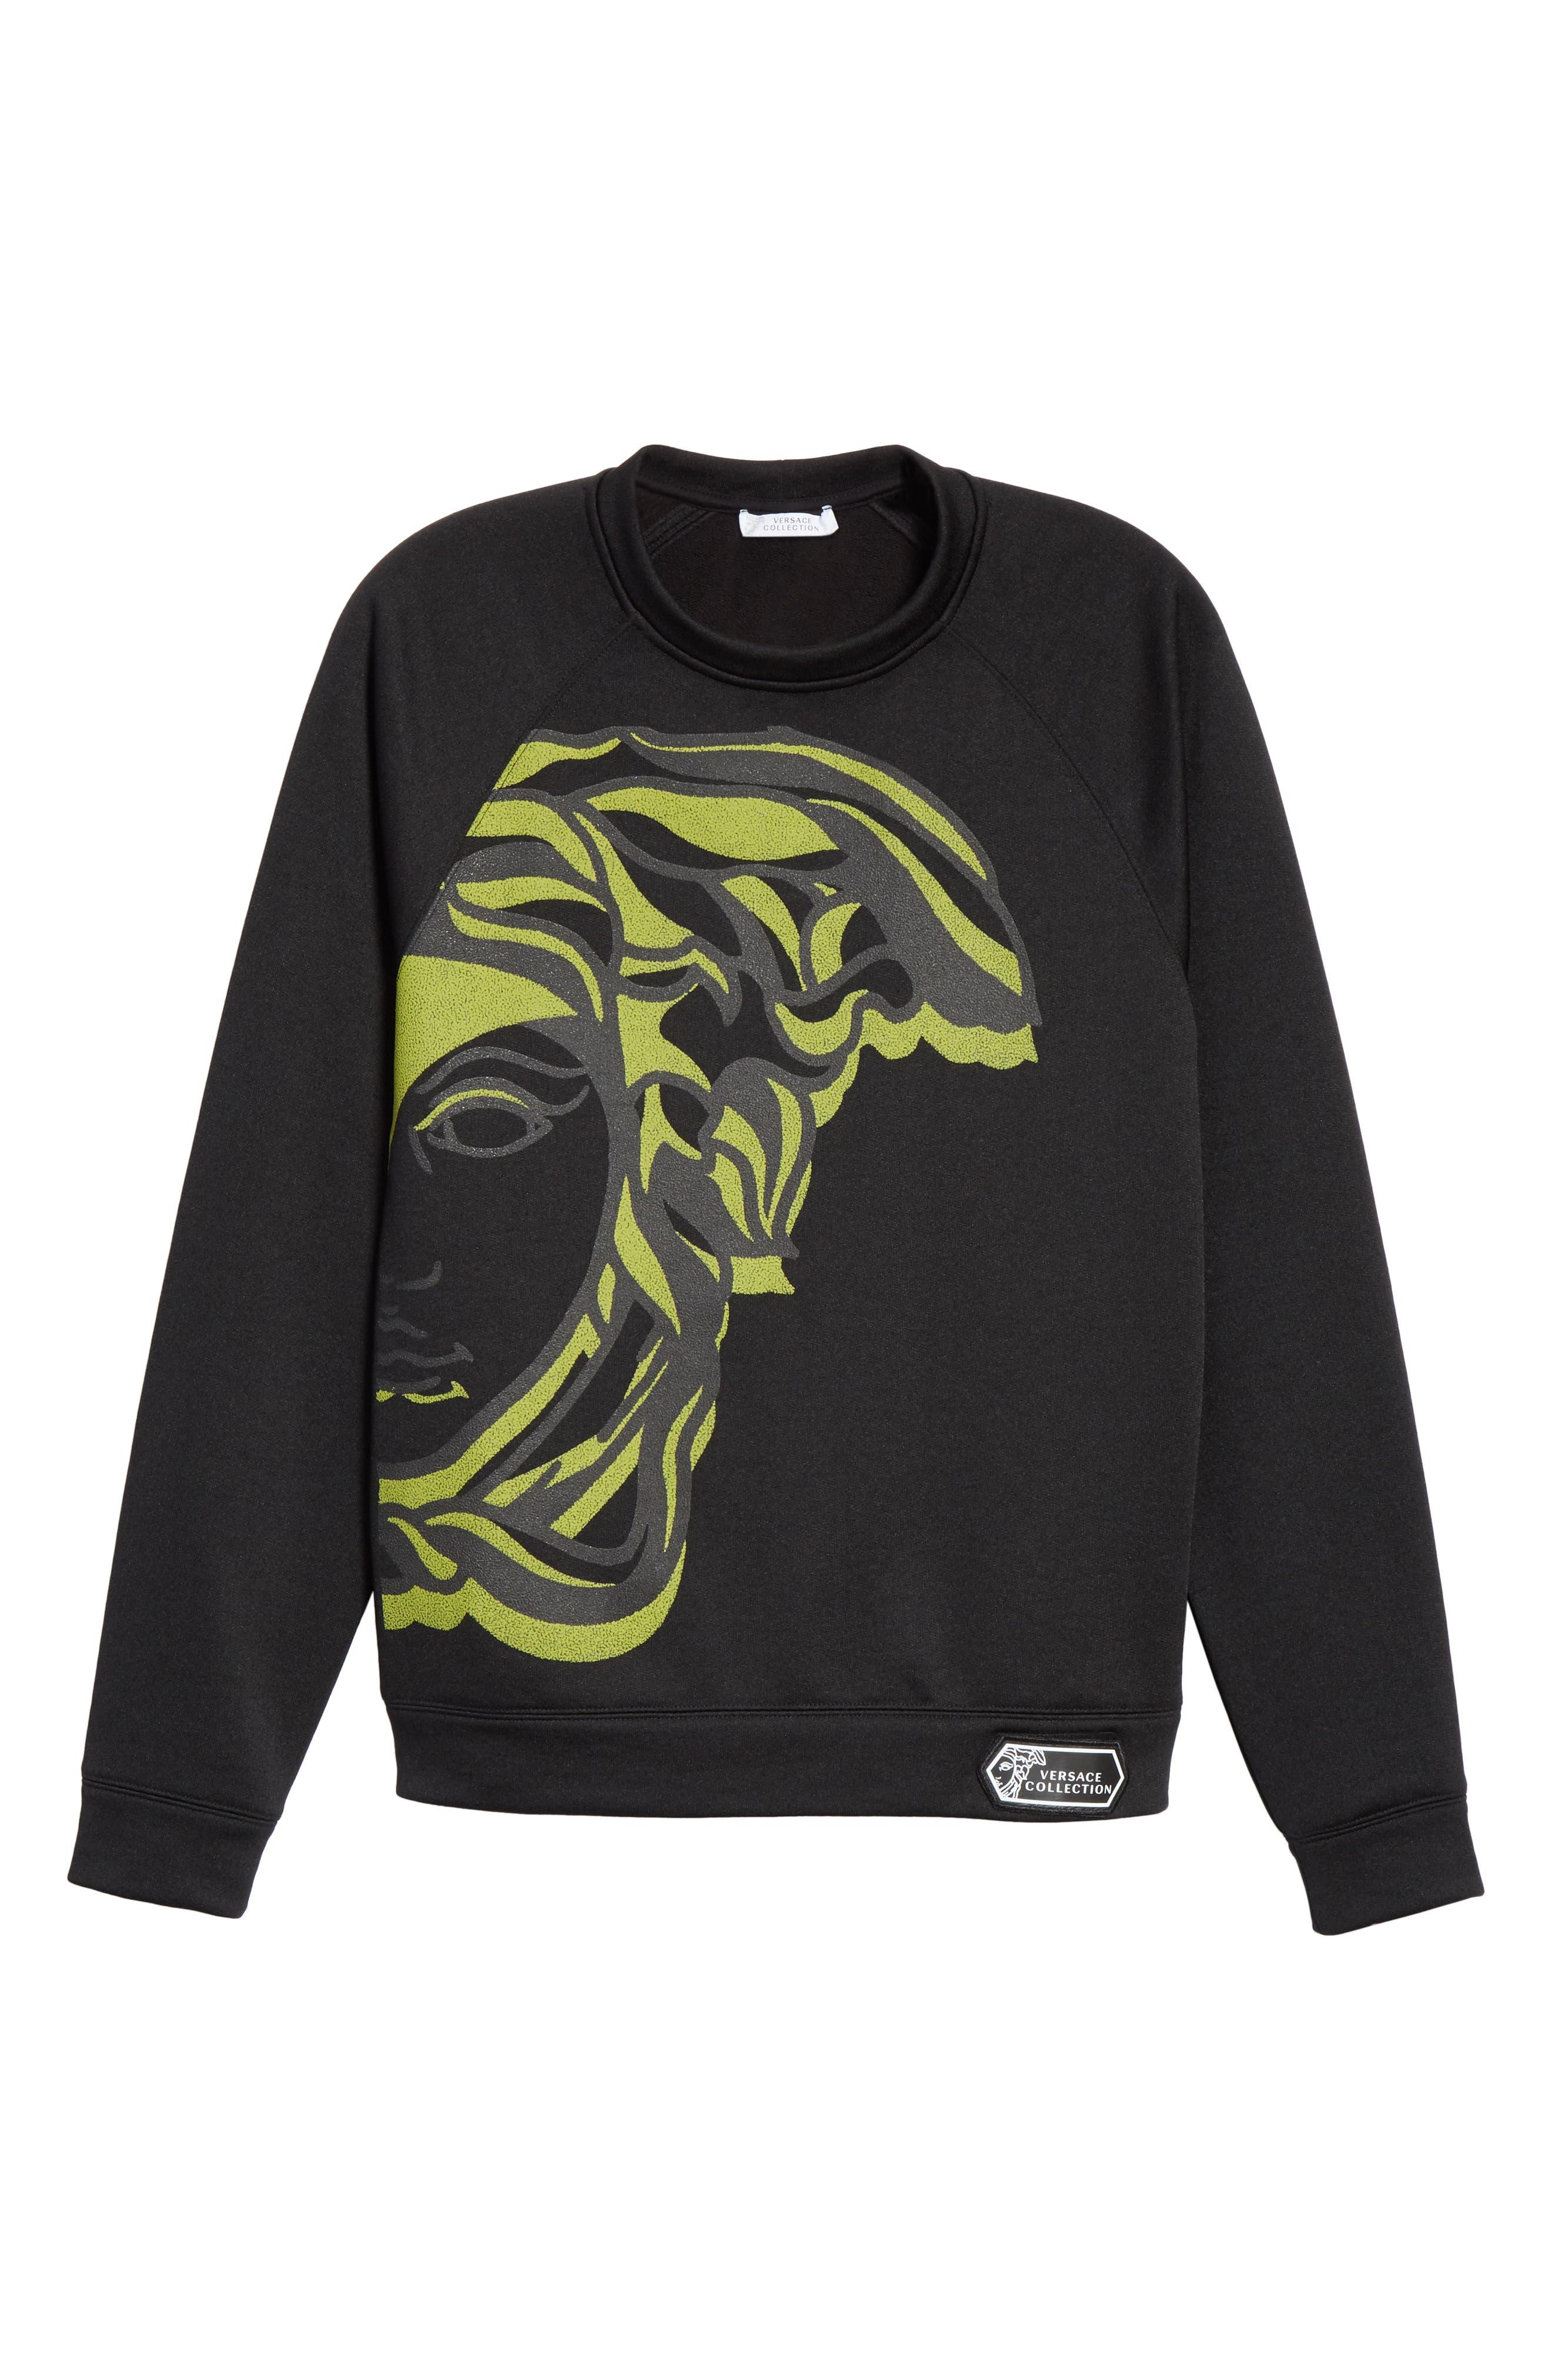 VERSACE COLLECTION, Medusa Print Sweatshirt, Alternate thumbnail 6, color, BLACK/ PAINT